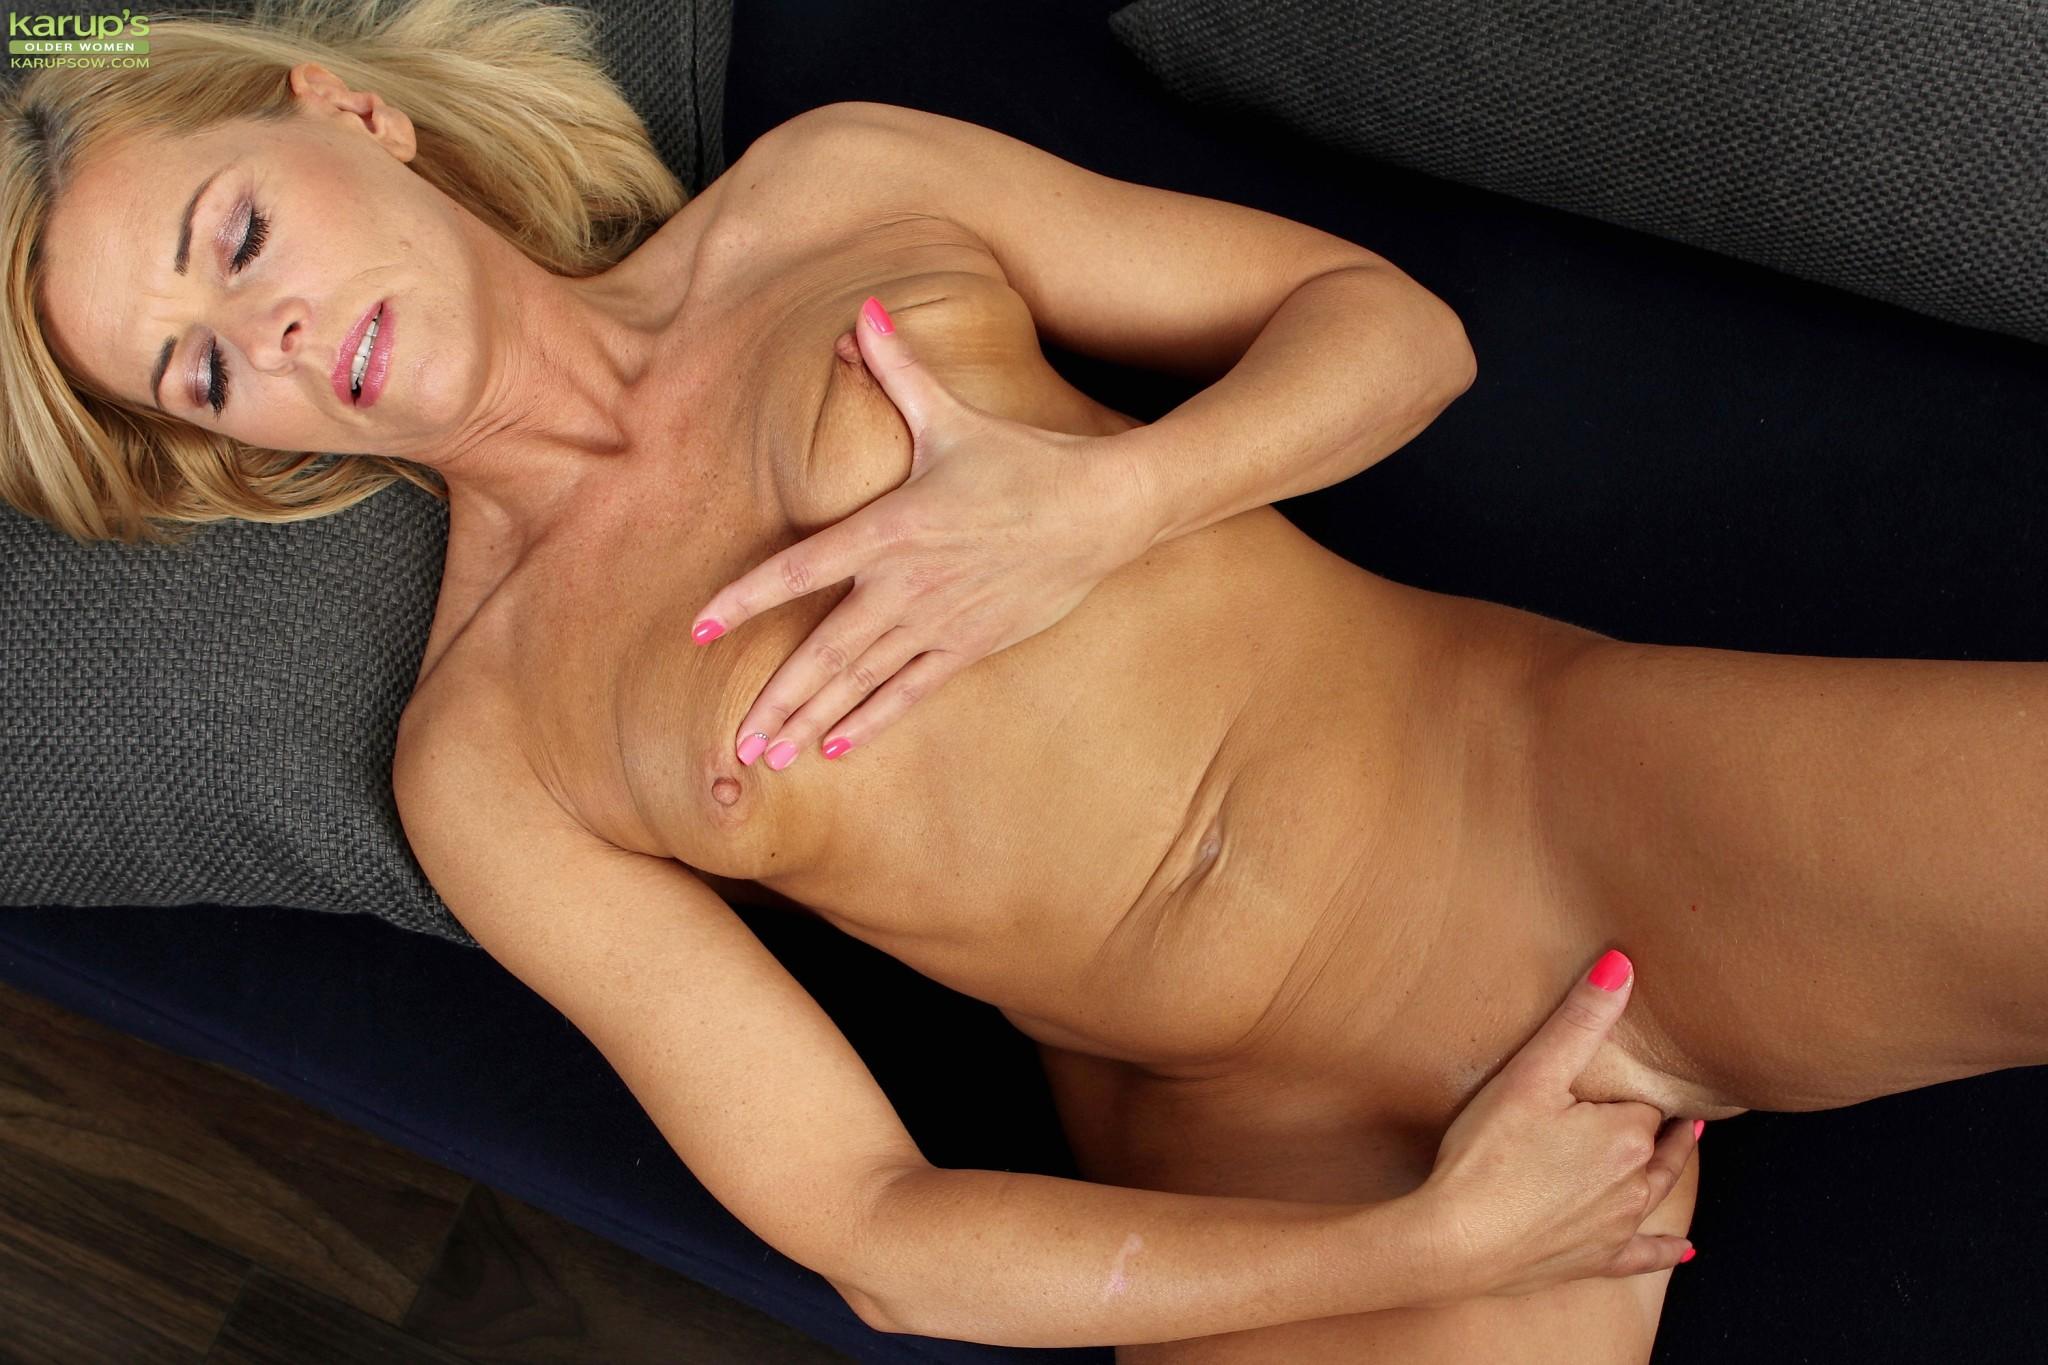 hot mamata nacked sex image